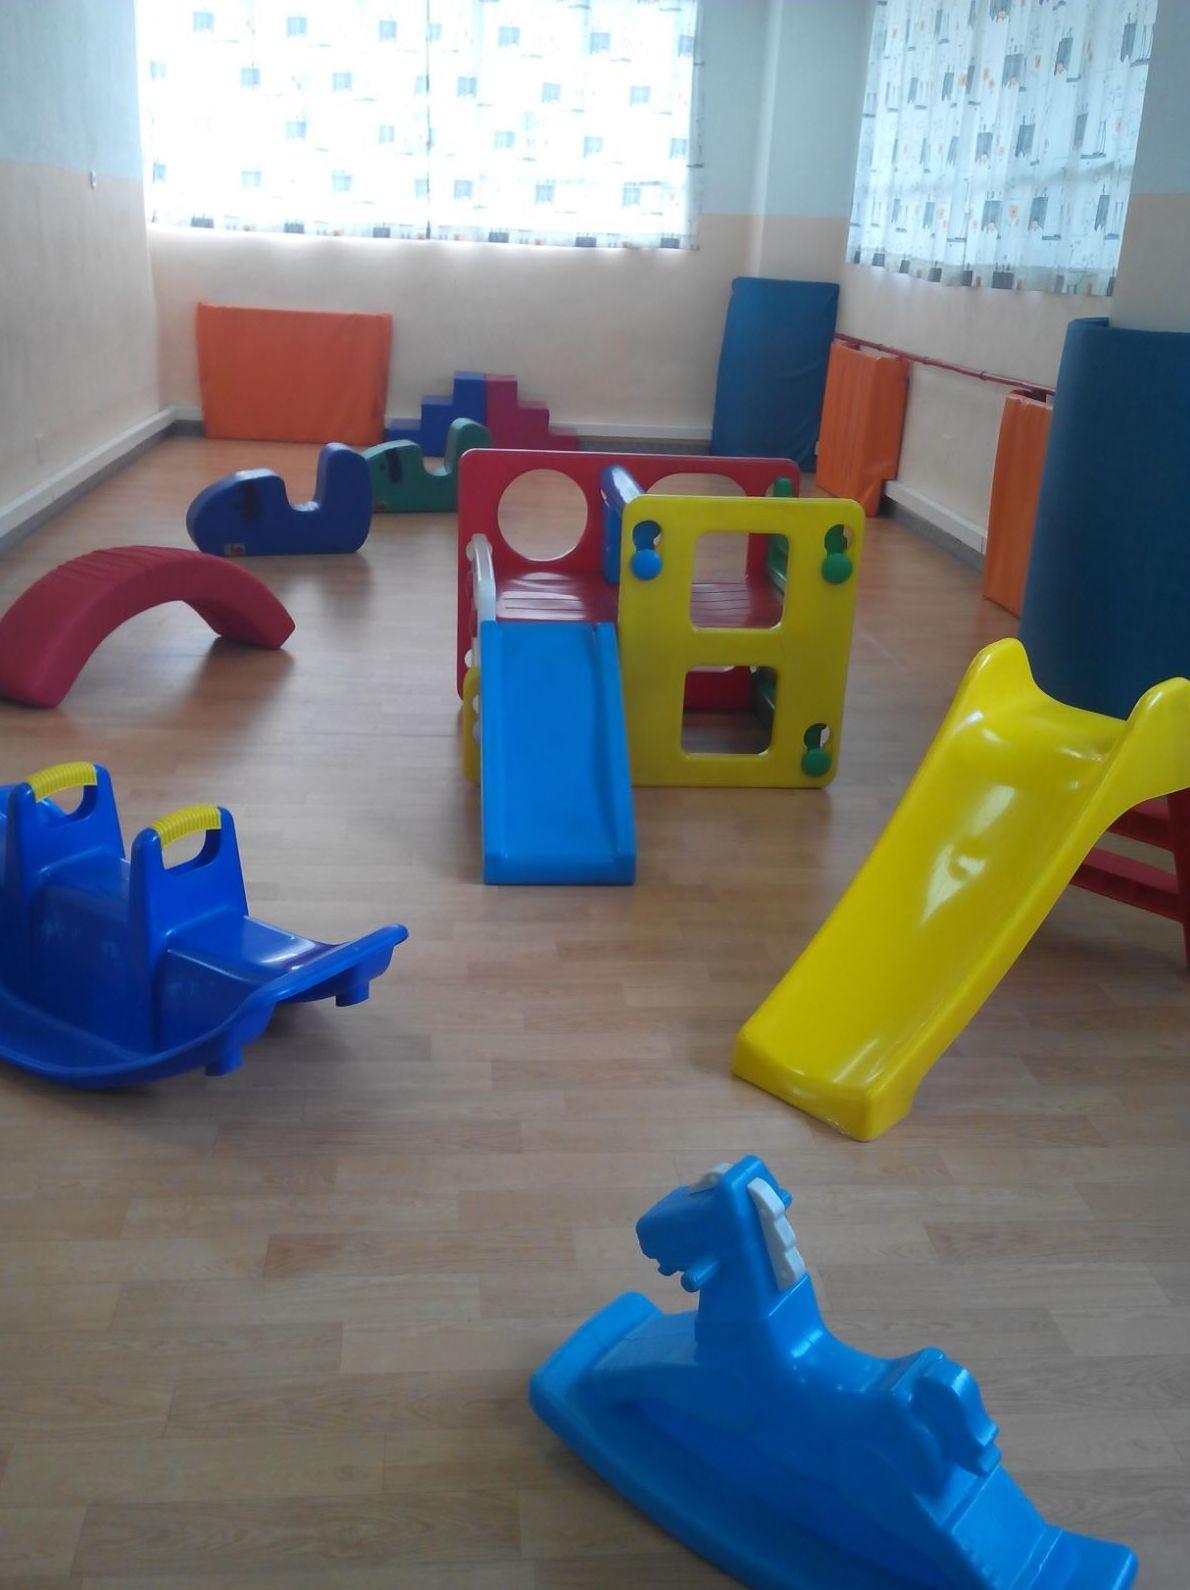 Foto 8 de Guarderías y Escuelas infantiles en Madrid | Santa Mónica - Garabatos